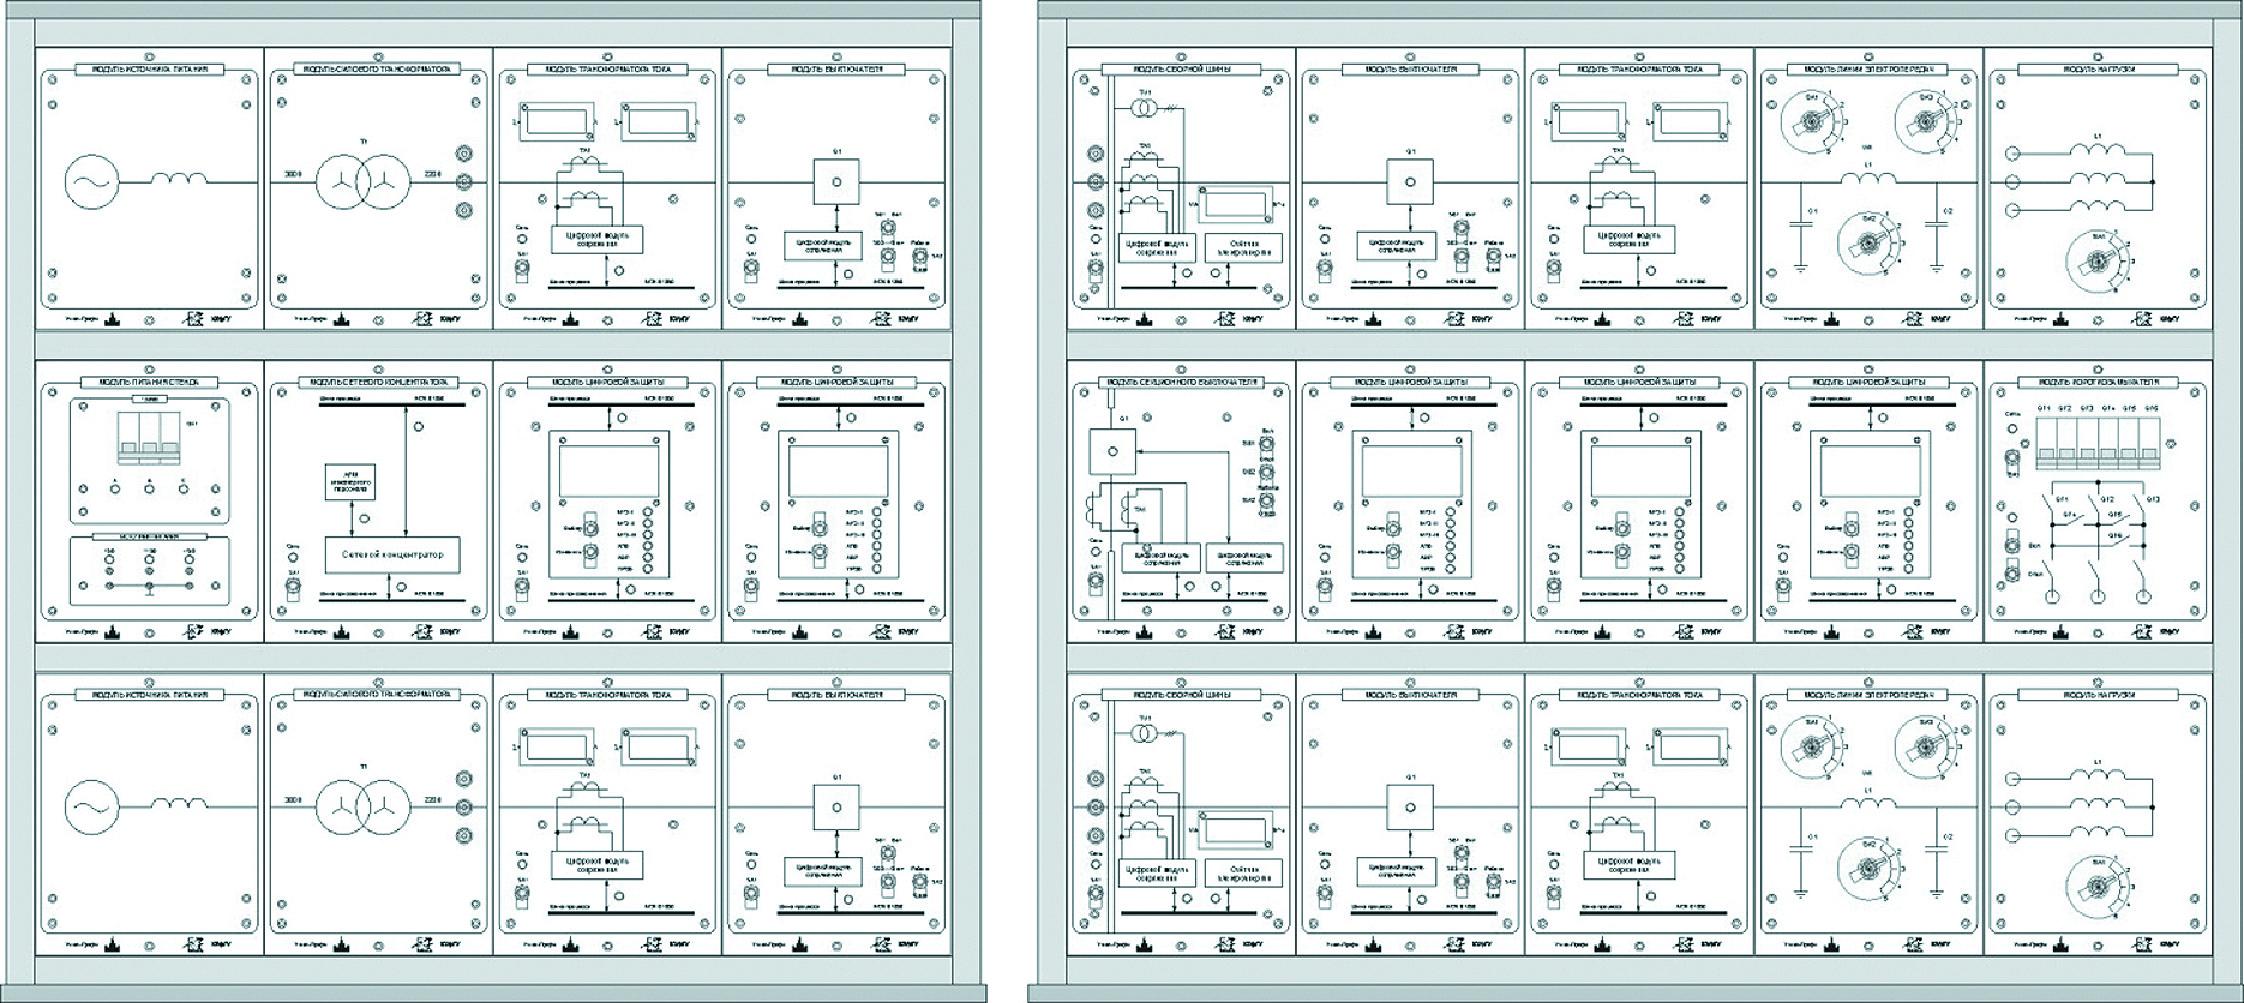 Внешний вид лабораторного стенда «Модель цифровой подстанции»